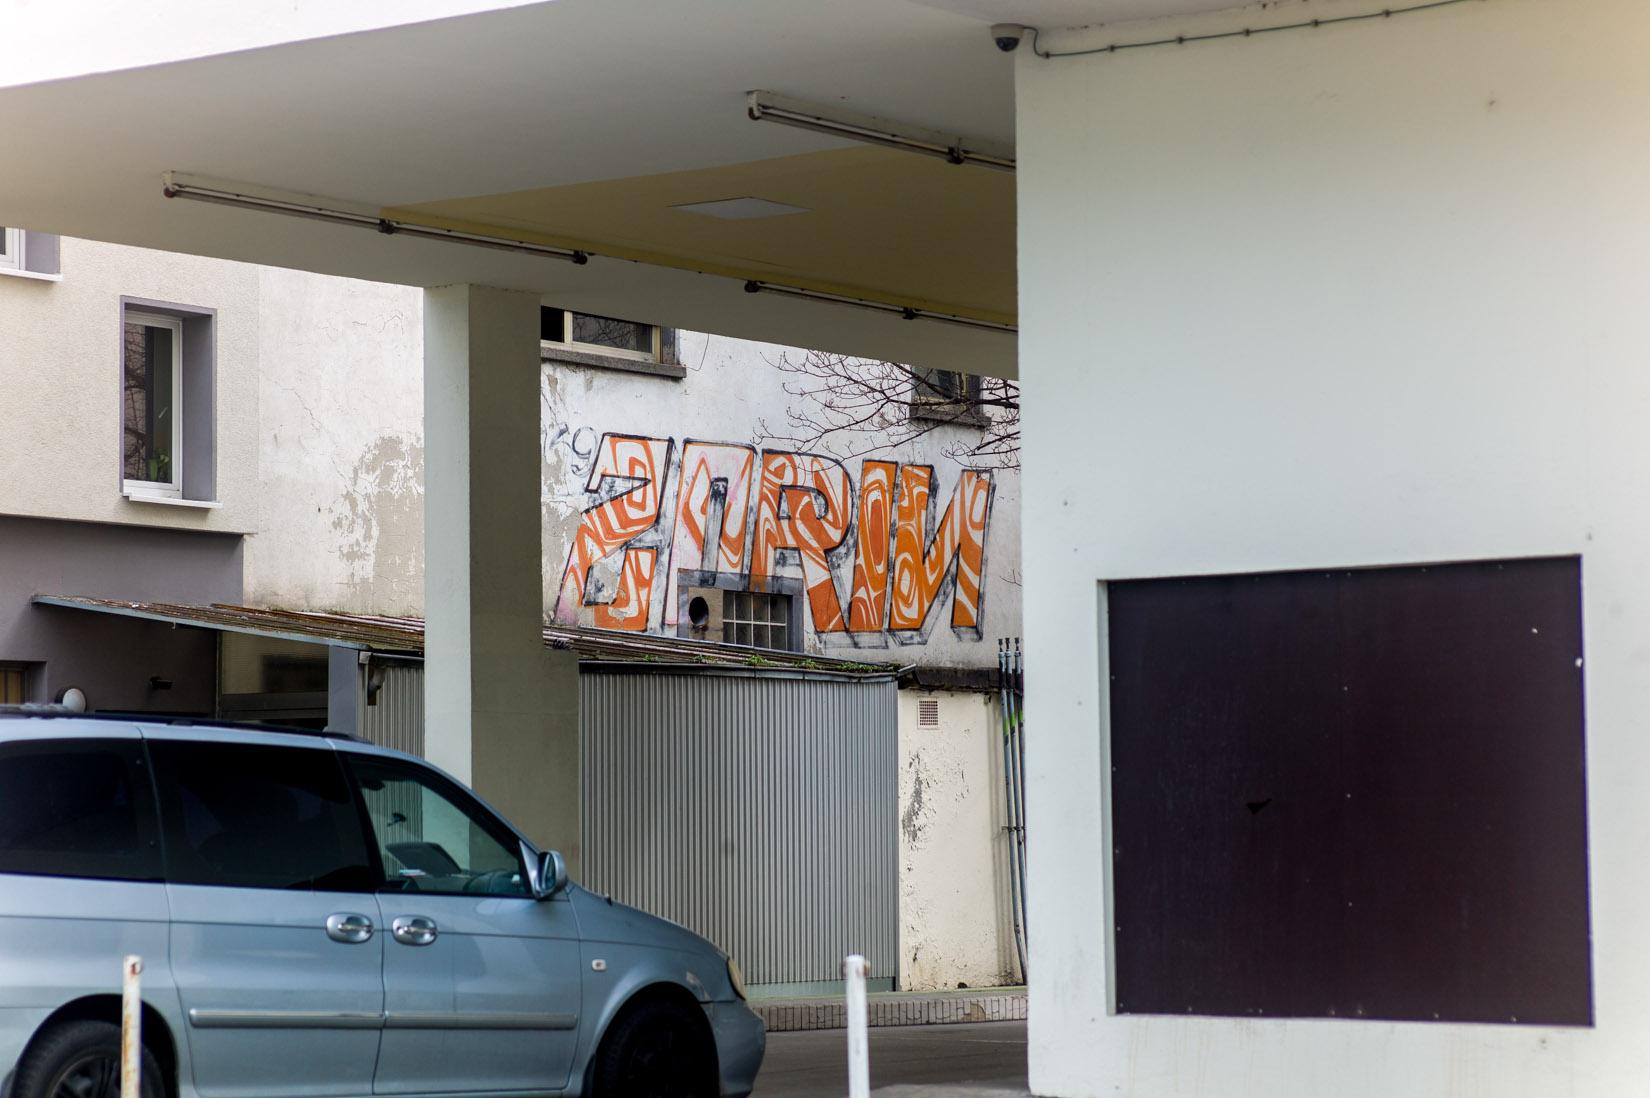 Frankfurt_Graffiti_Gallus Warte_2014-03 (6 von 45)